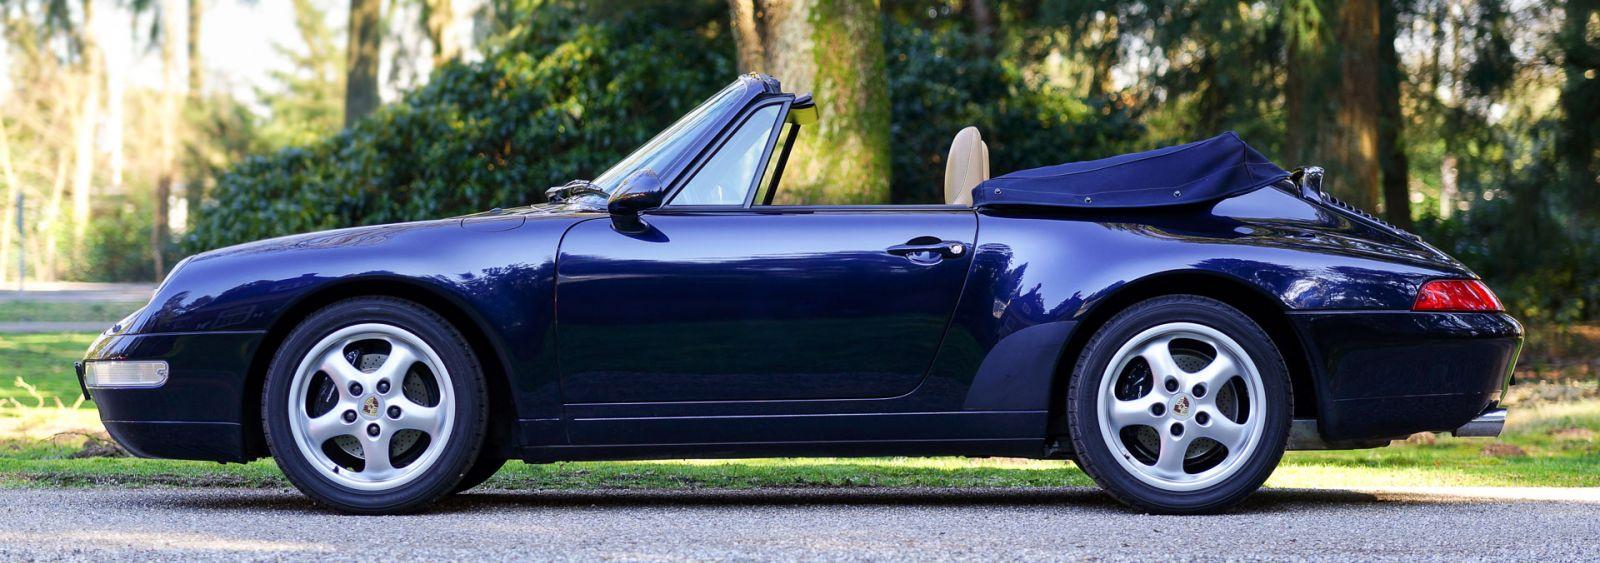 porsche 911 993 cabriolet 1994 classicargarage fr. Black Bedroom Furniture Sets. Home Design Ideas